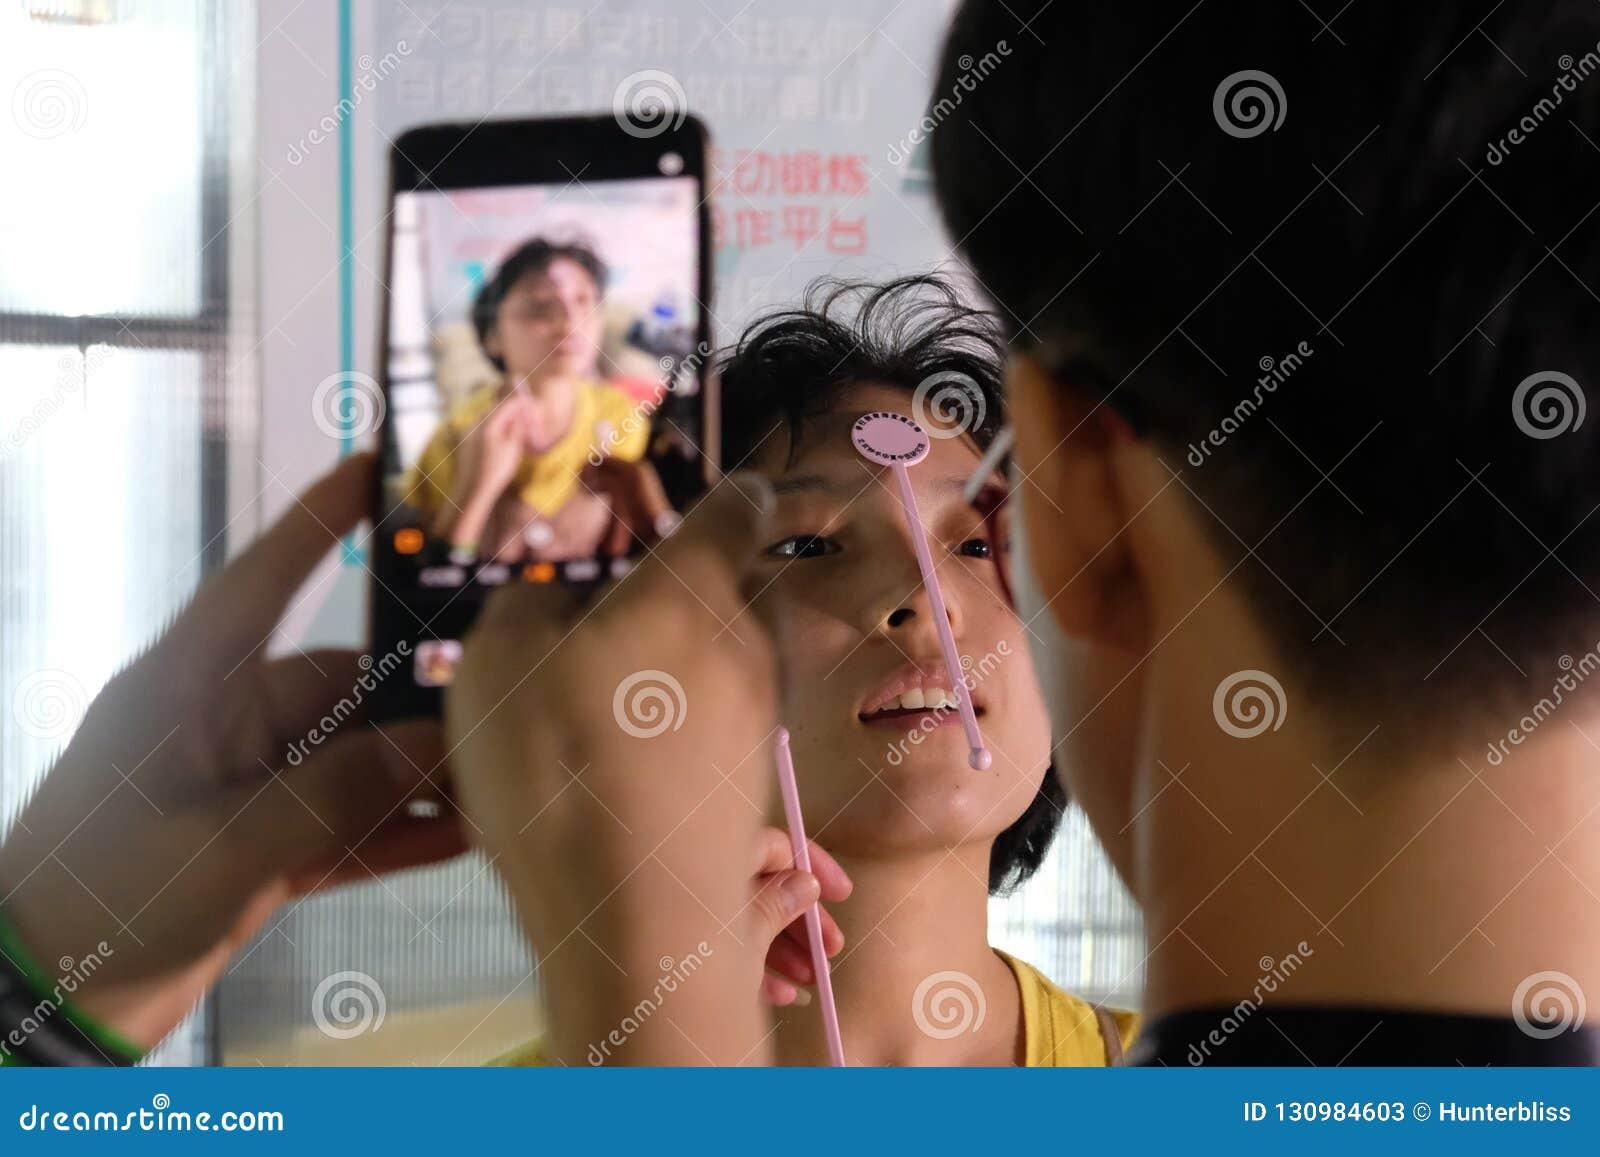 SZANGHAJ, CHINY: Lipiec 2018: Nowy medyczny app rozwija w Chiny ono bada na żeńskim pacjencie